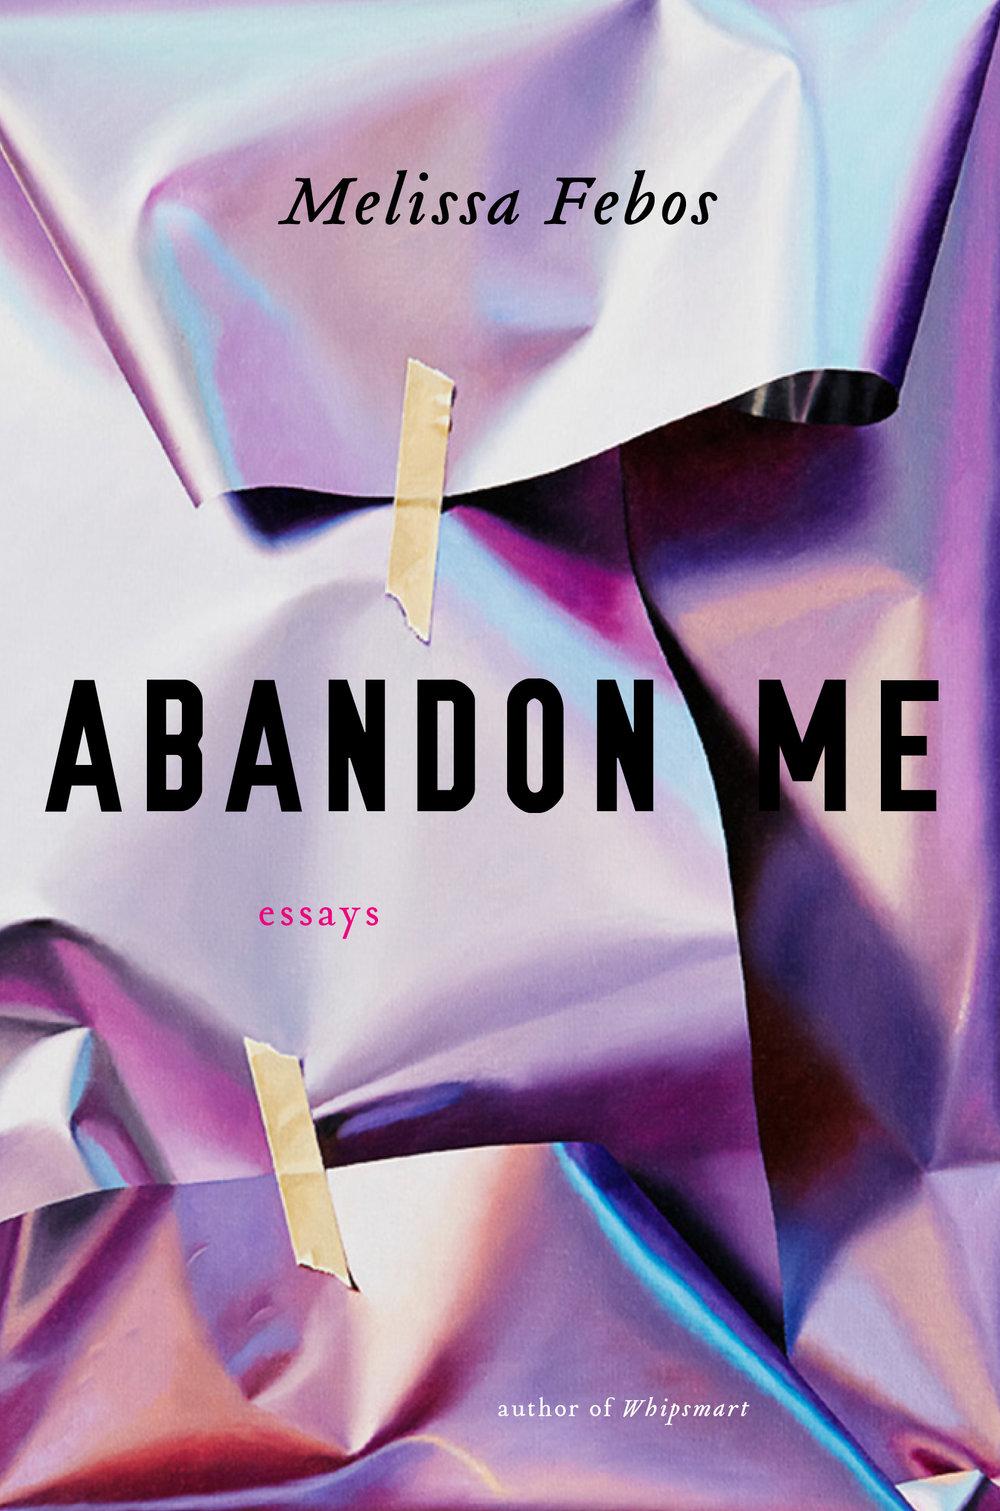 ABANDON ME